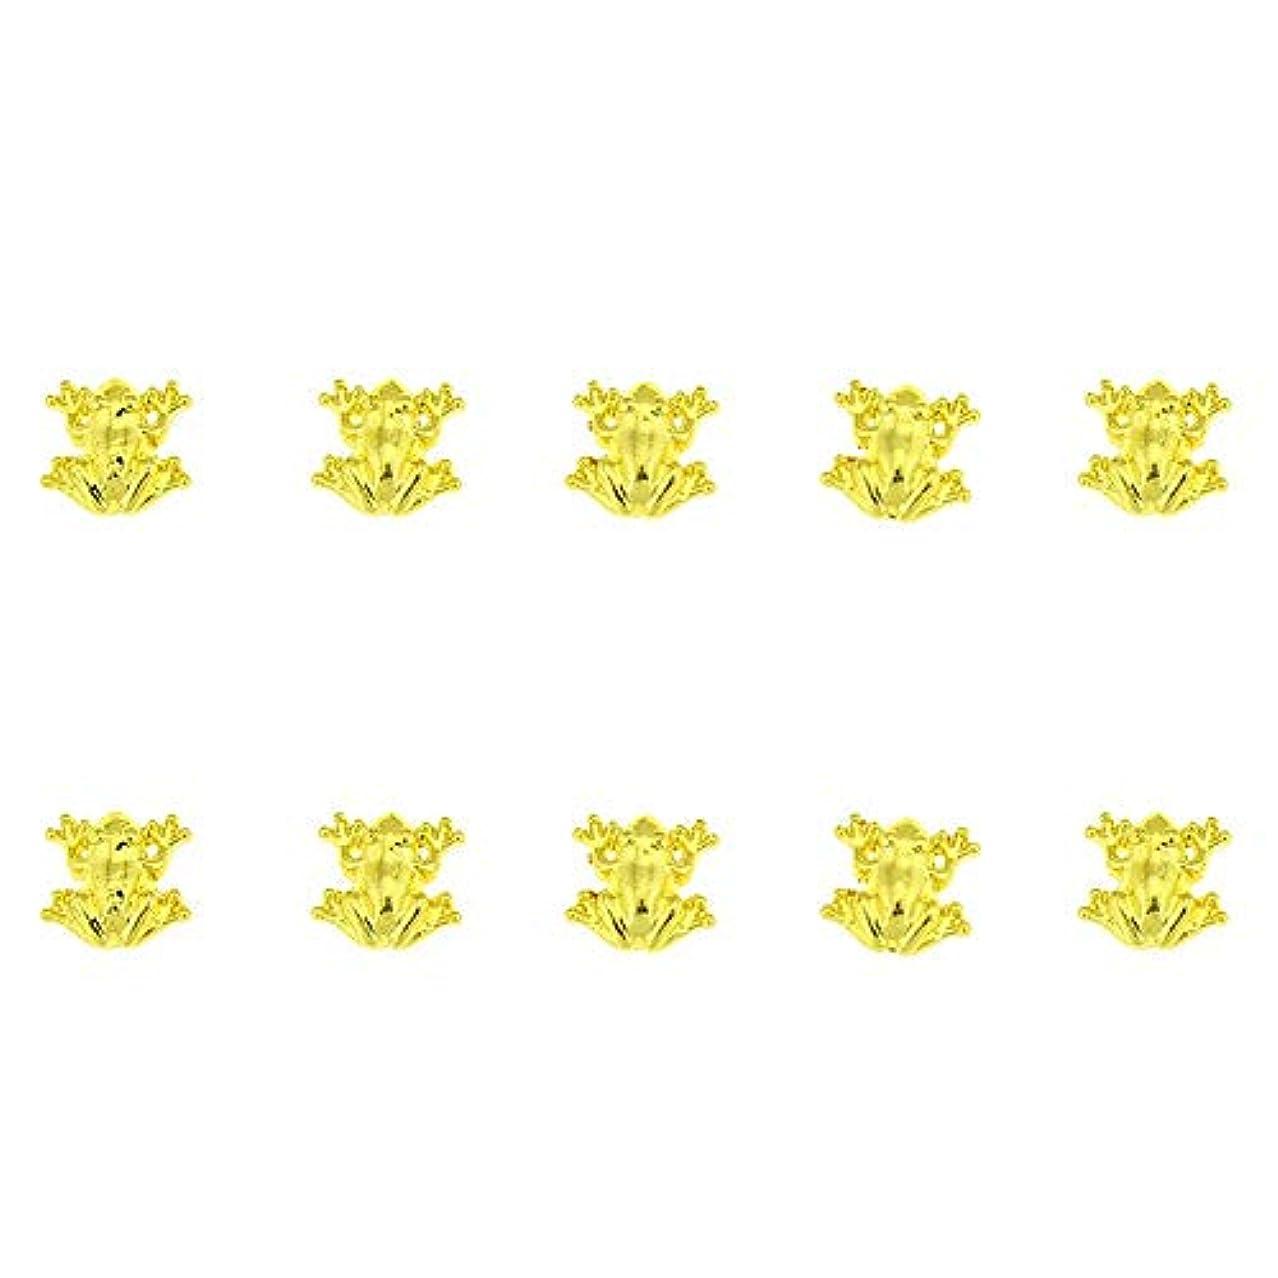 広がりいうほこりっぽい10個/ロット3D 10ミリメートル* 10ミリメートルネイルアート美容ゴールデンフロッグデザインメタルネイルアートの装飾用品